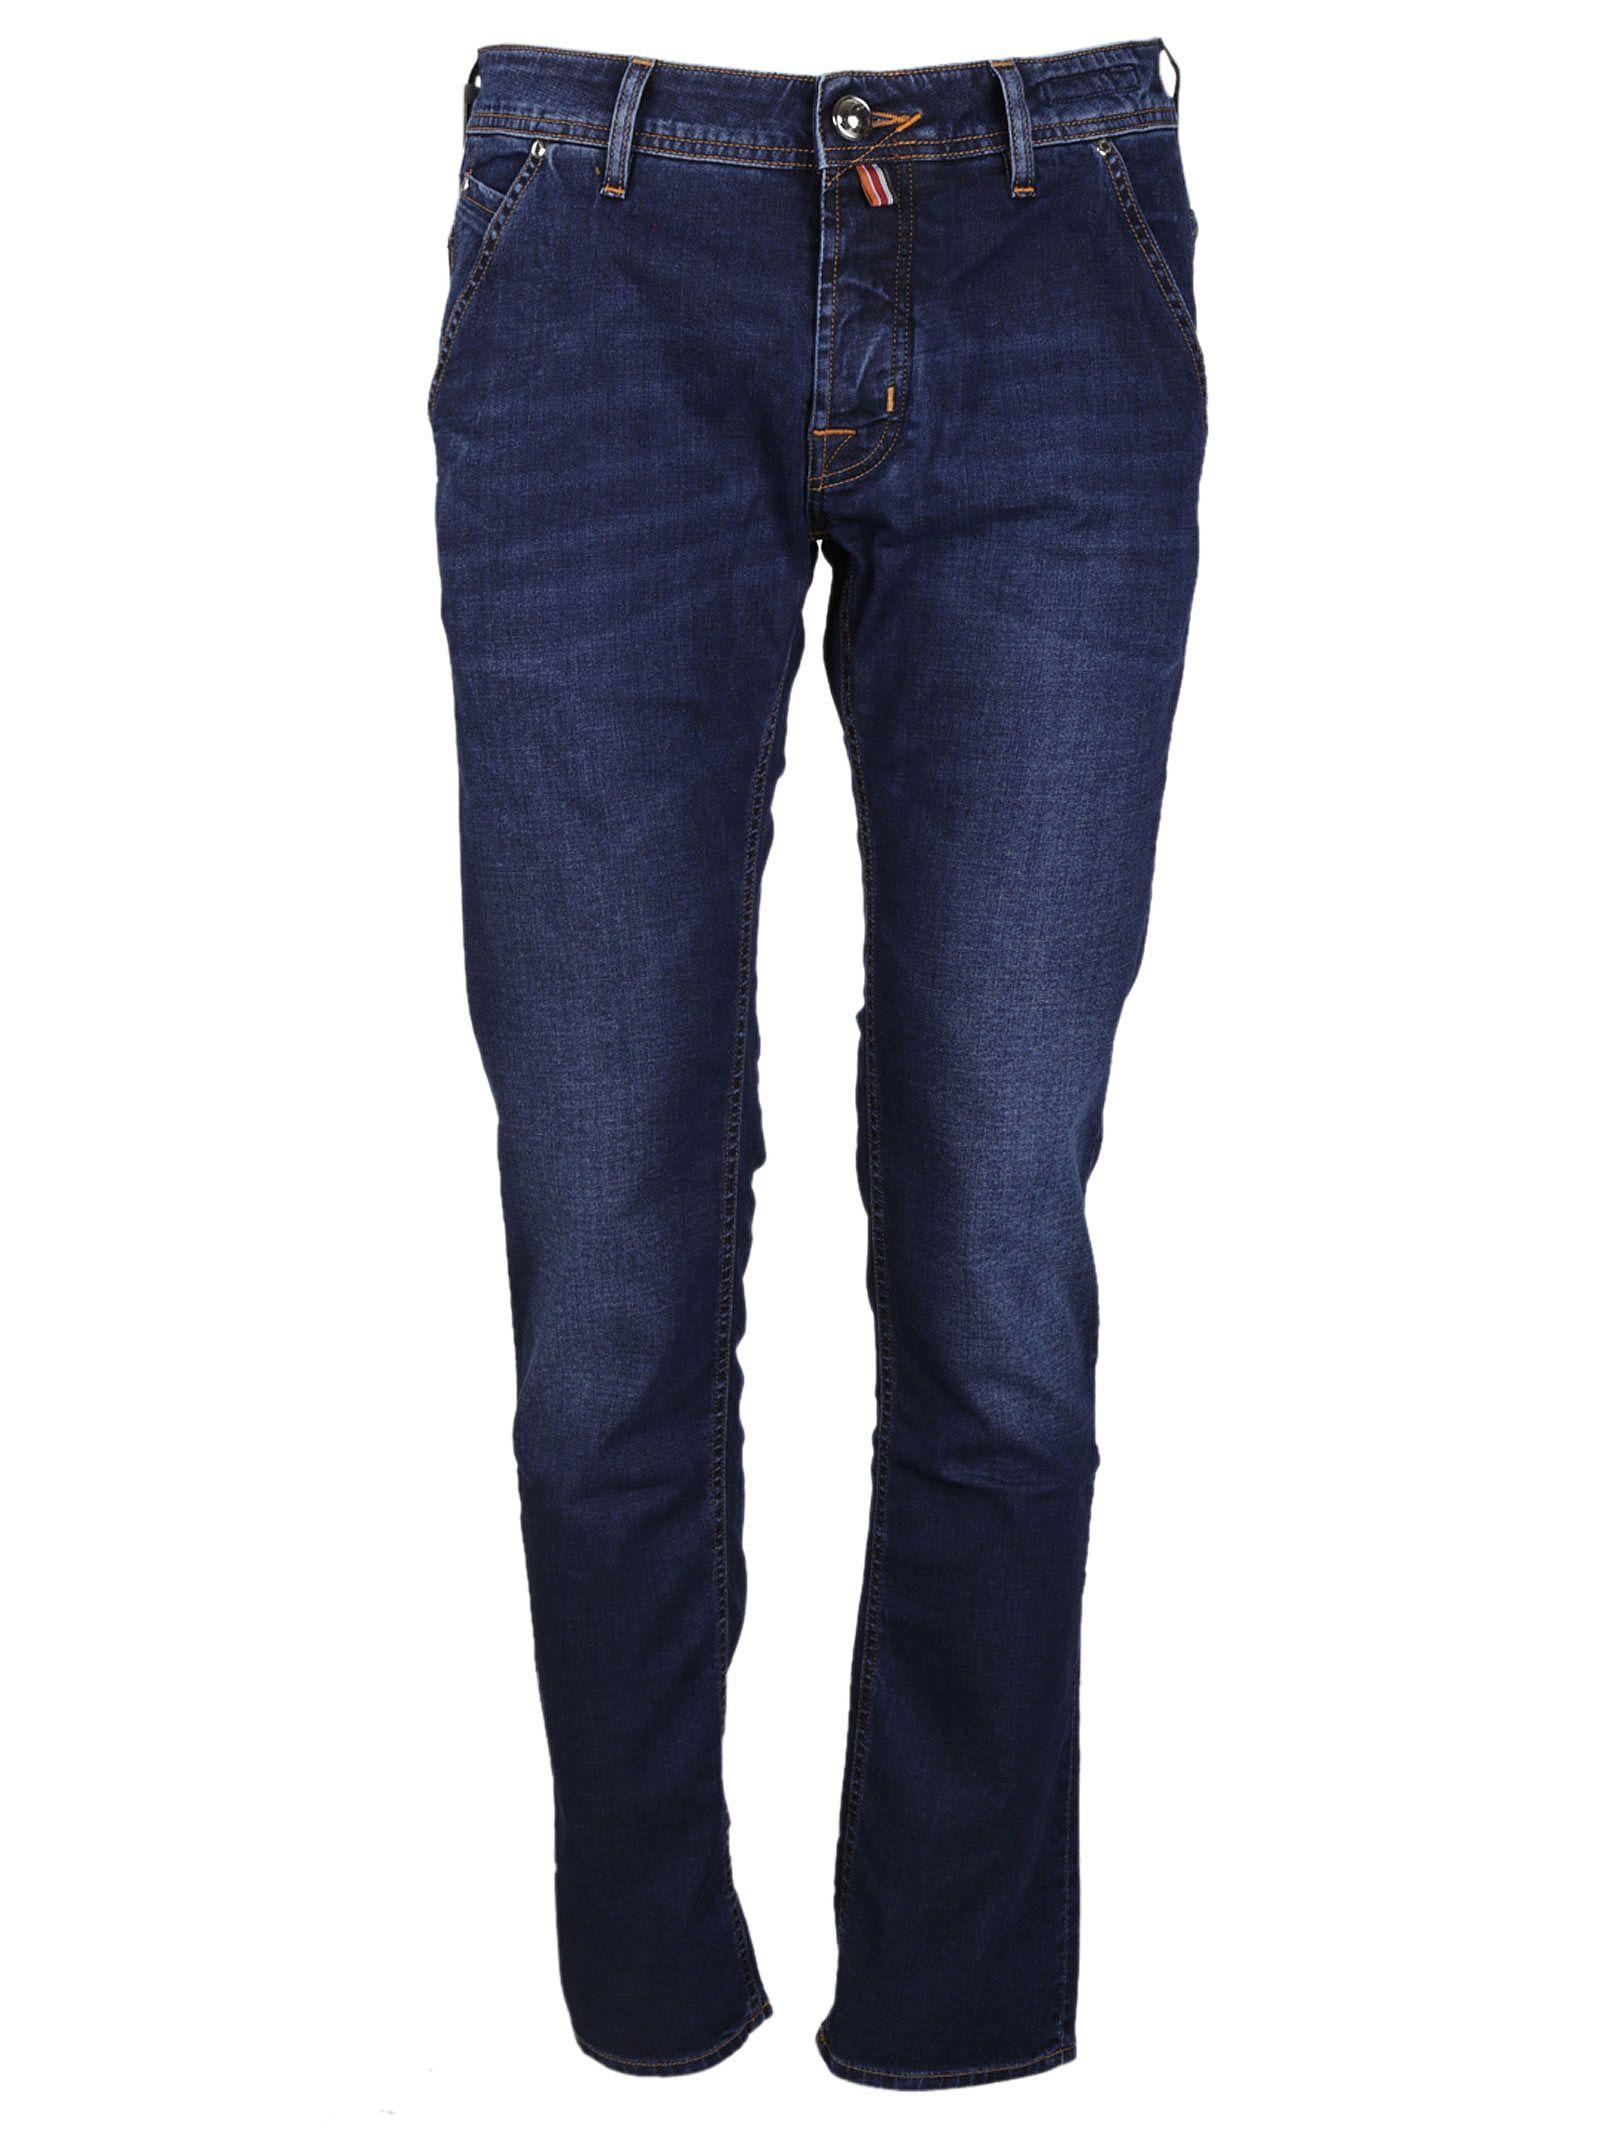 Jacob Cohen Denim Jeans